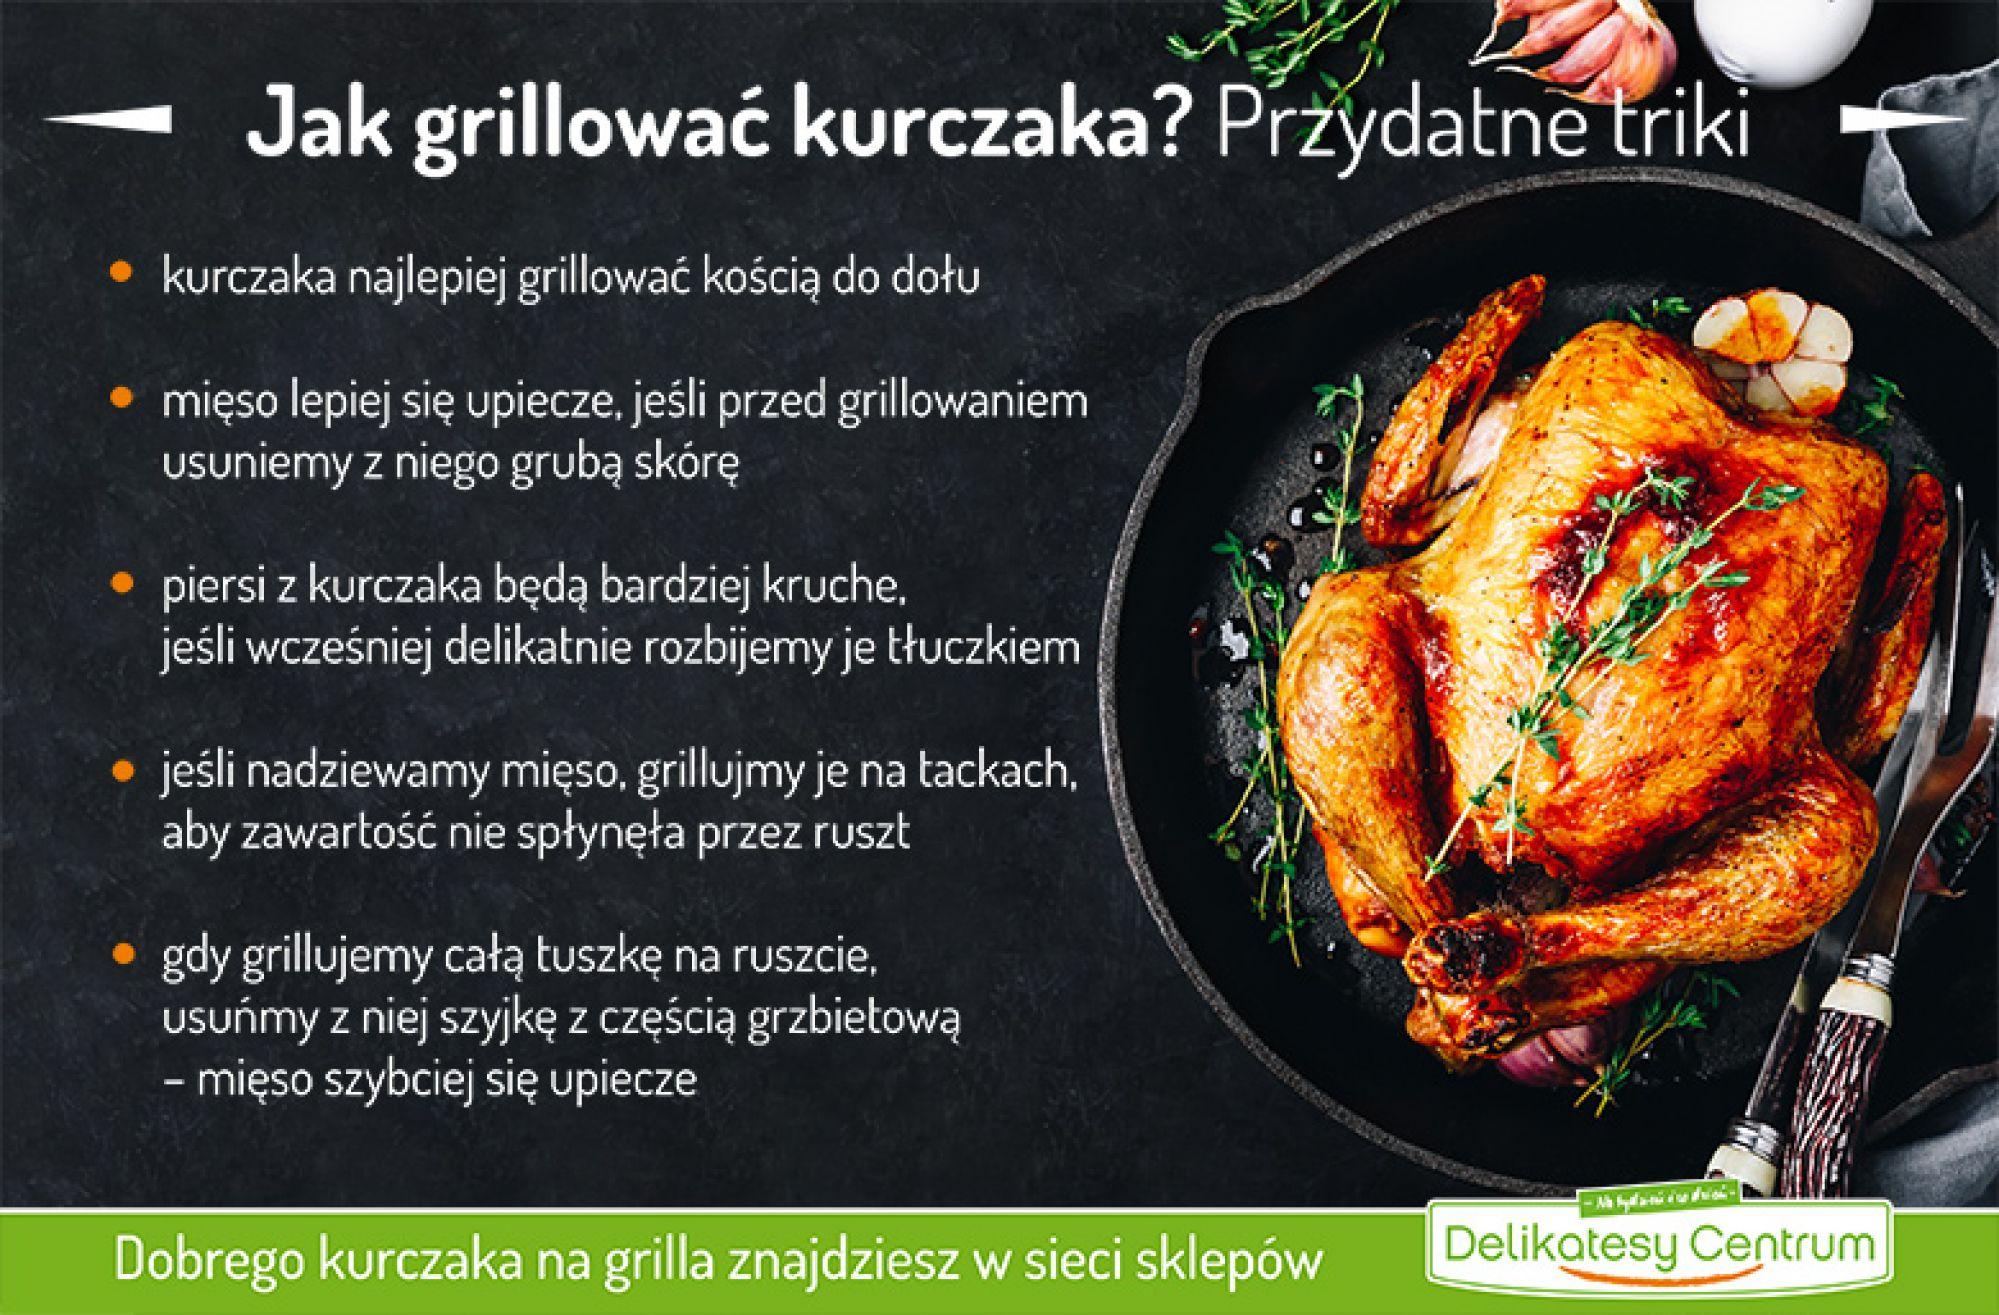 Jak grillować kurczaka? Przydatne triki - infografika